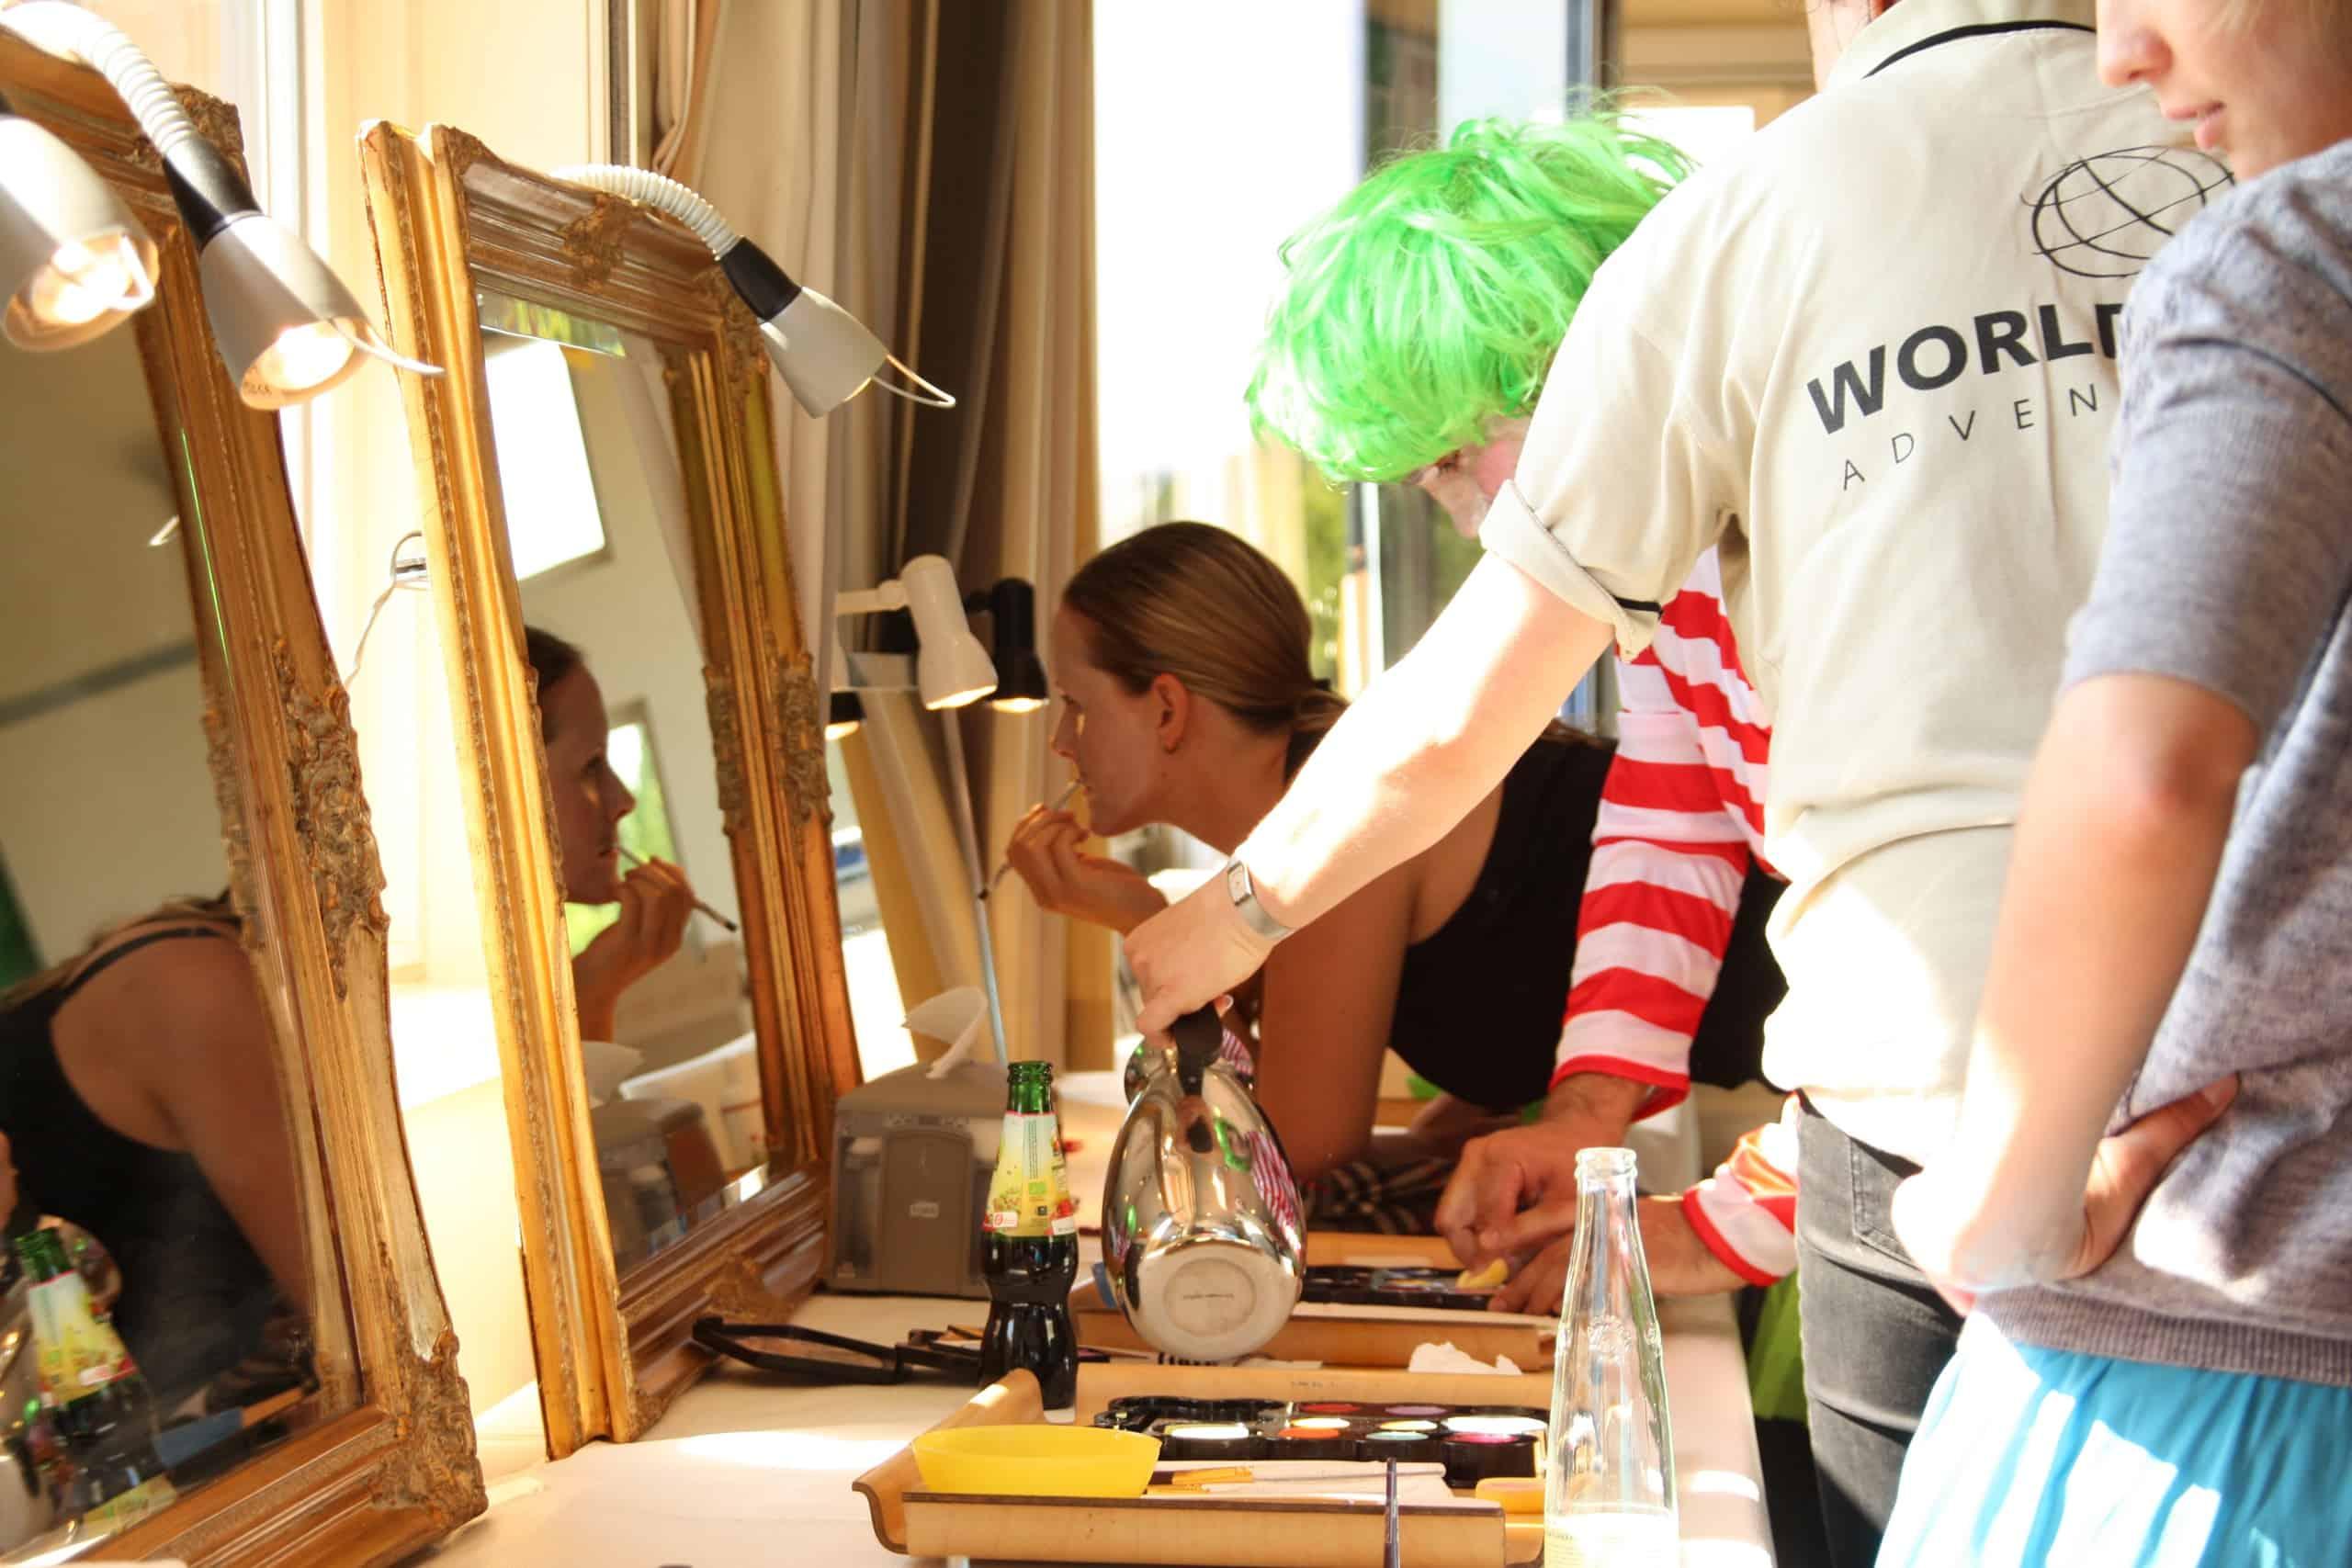 Her ses en person i fuld færd med at ligge makeup til deres film